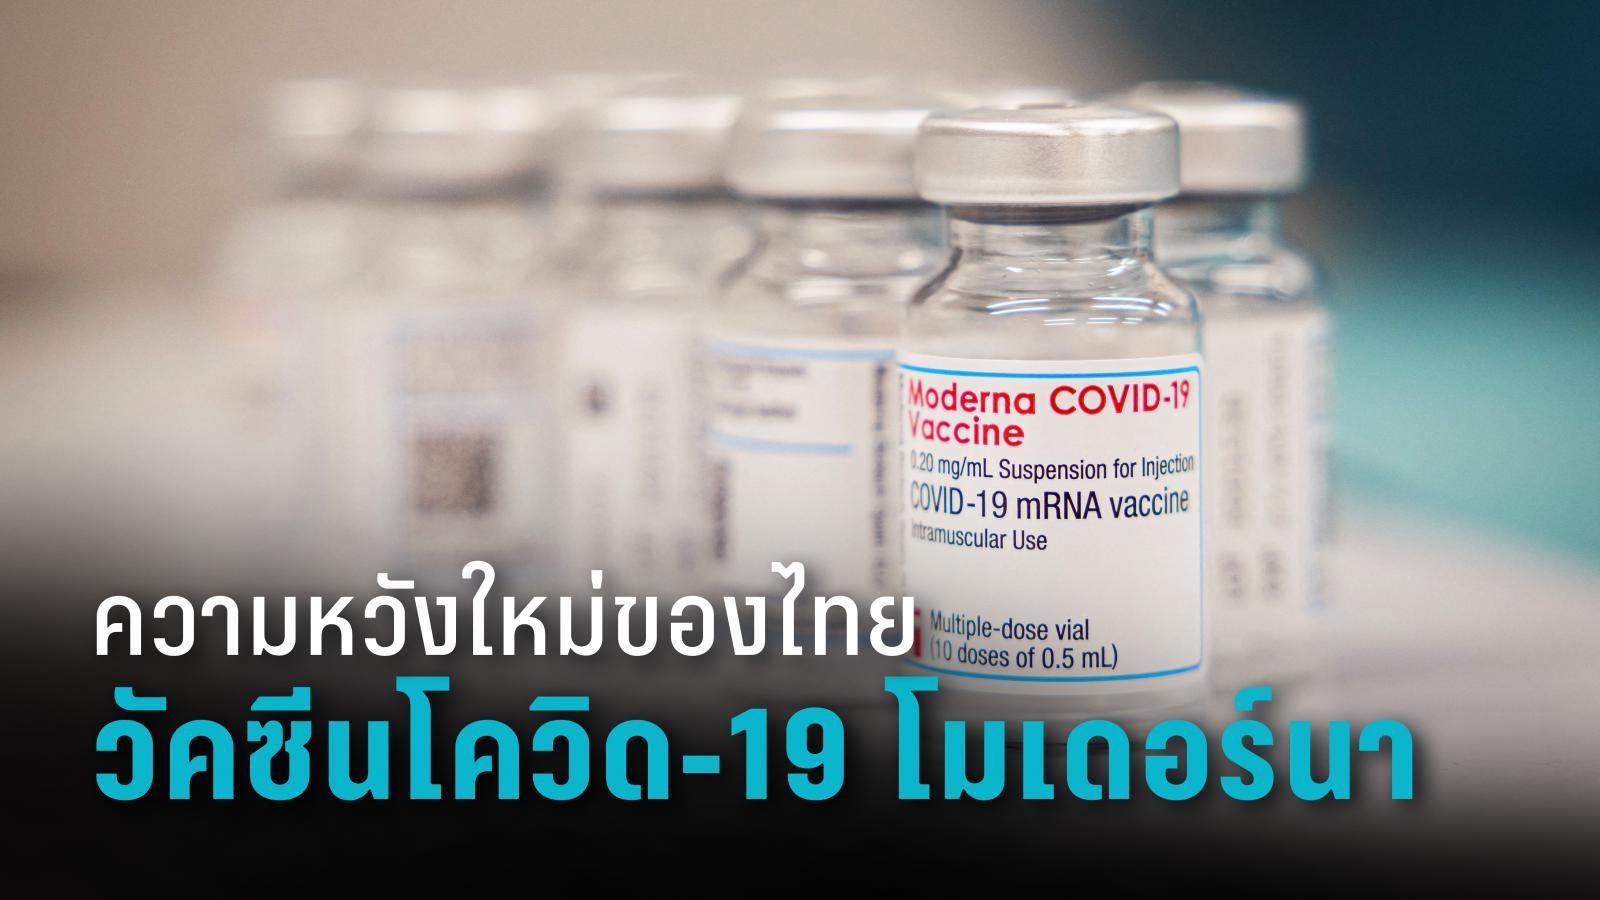 """""""วัคซีนโควิด-19 โมเดอร์นา"""" วัคซีนทางเลือกความหวังใหม่ของไทย"""